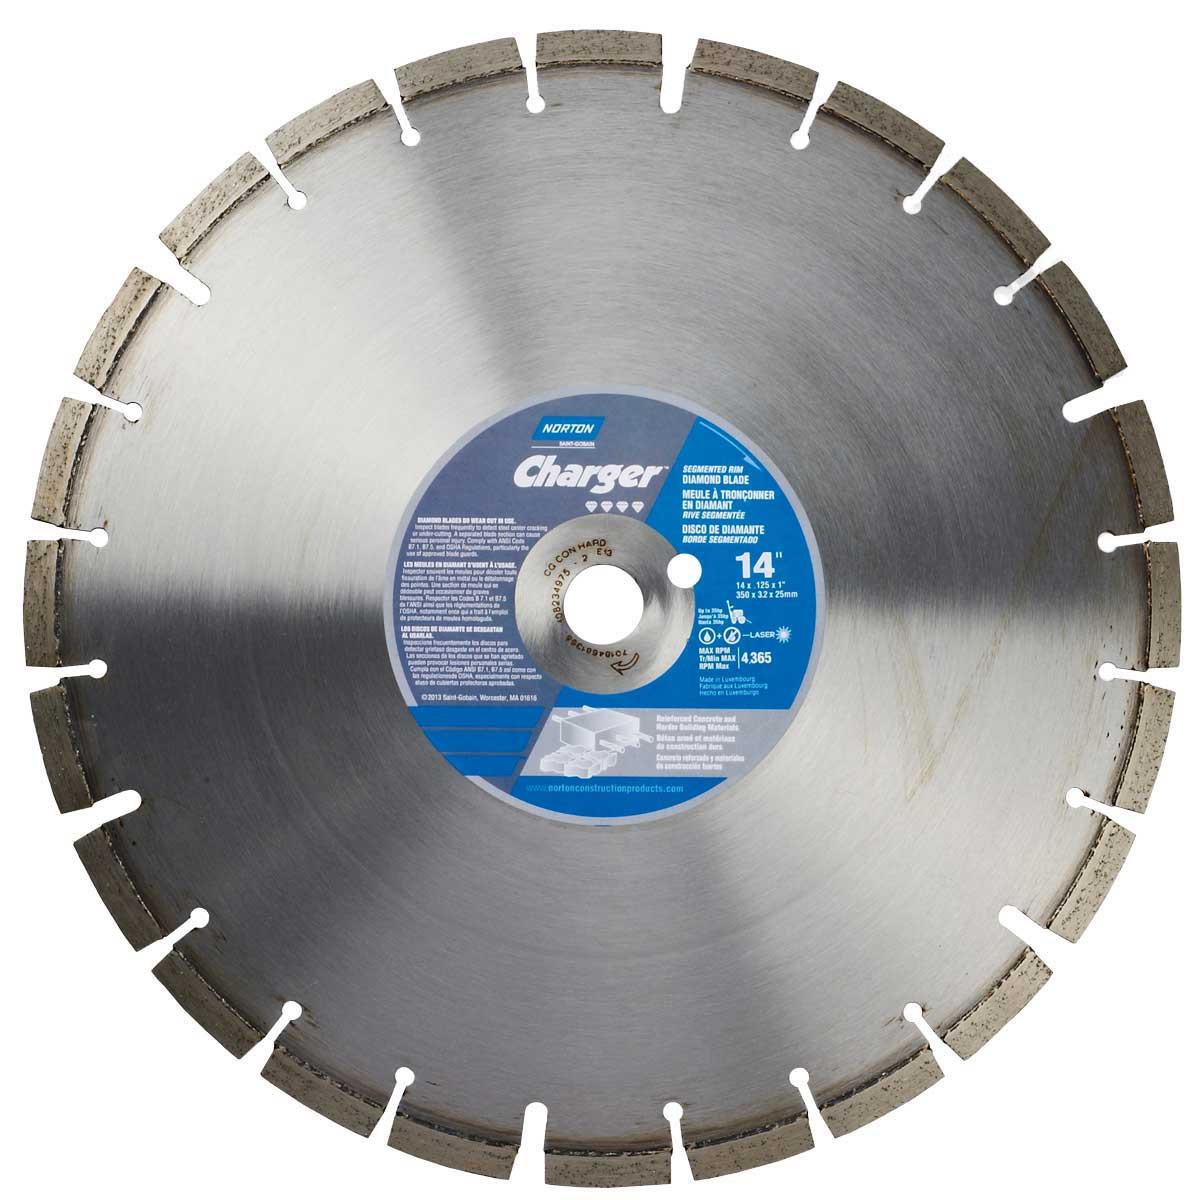 Norton Clipper Charger Hard Aggregate Concrete Diamond Blade